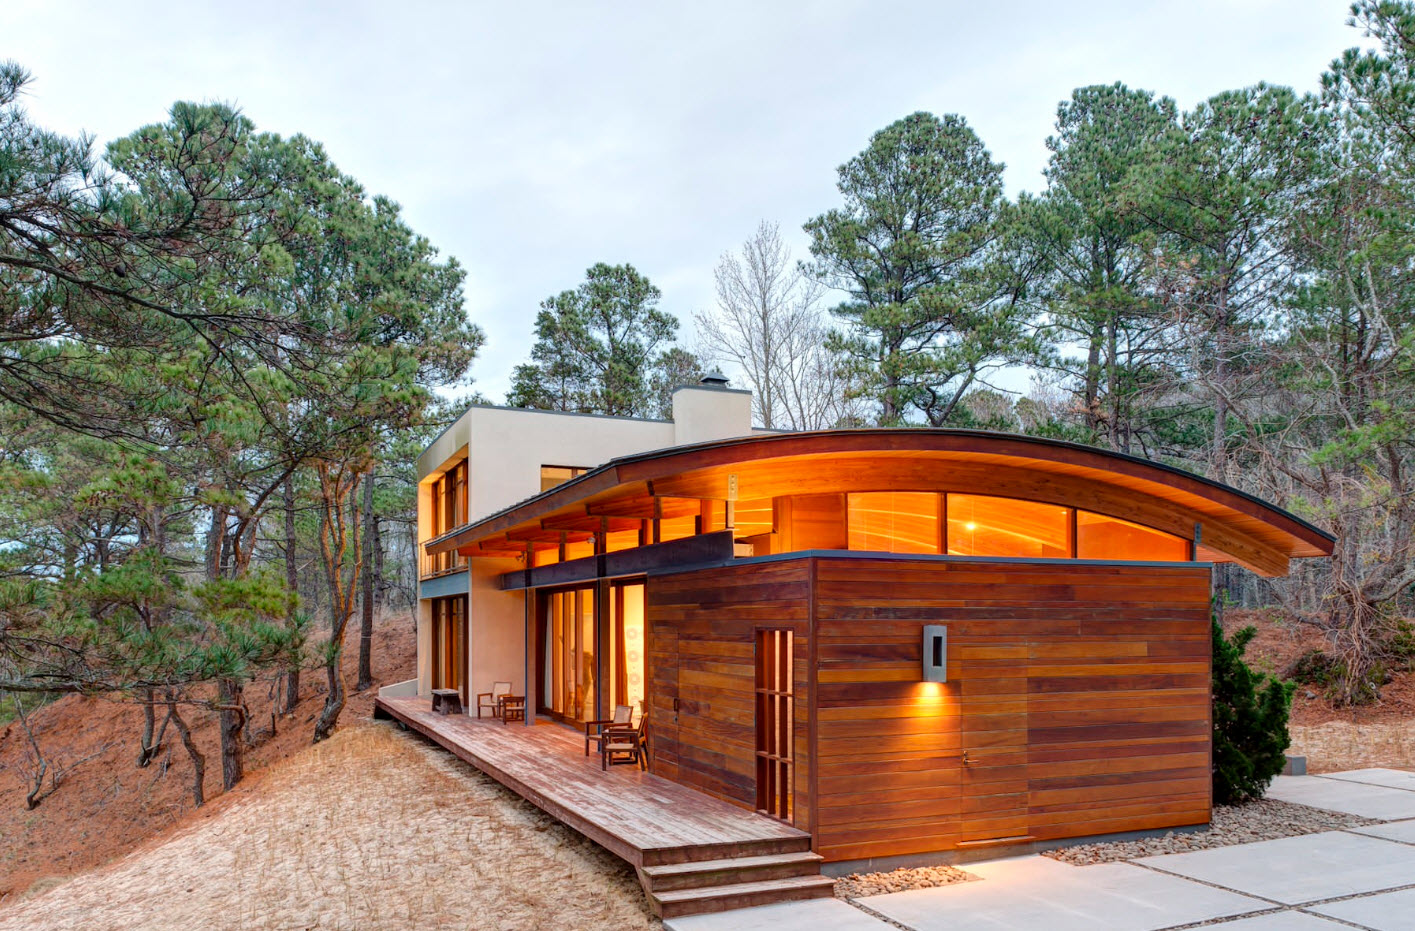 Revestimientos de madera para paredes exteriores - Revestimiento paredes exterior ...